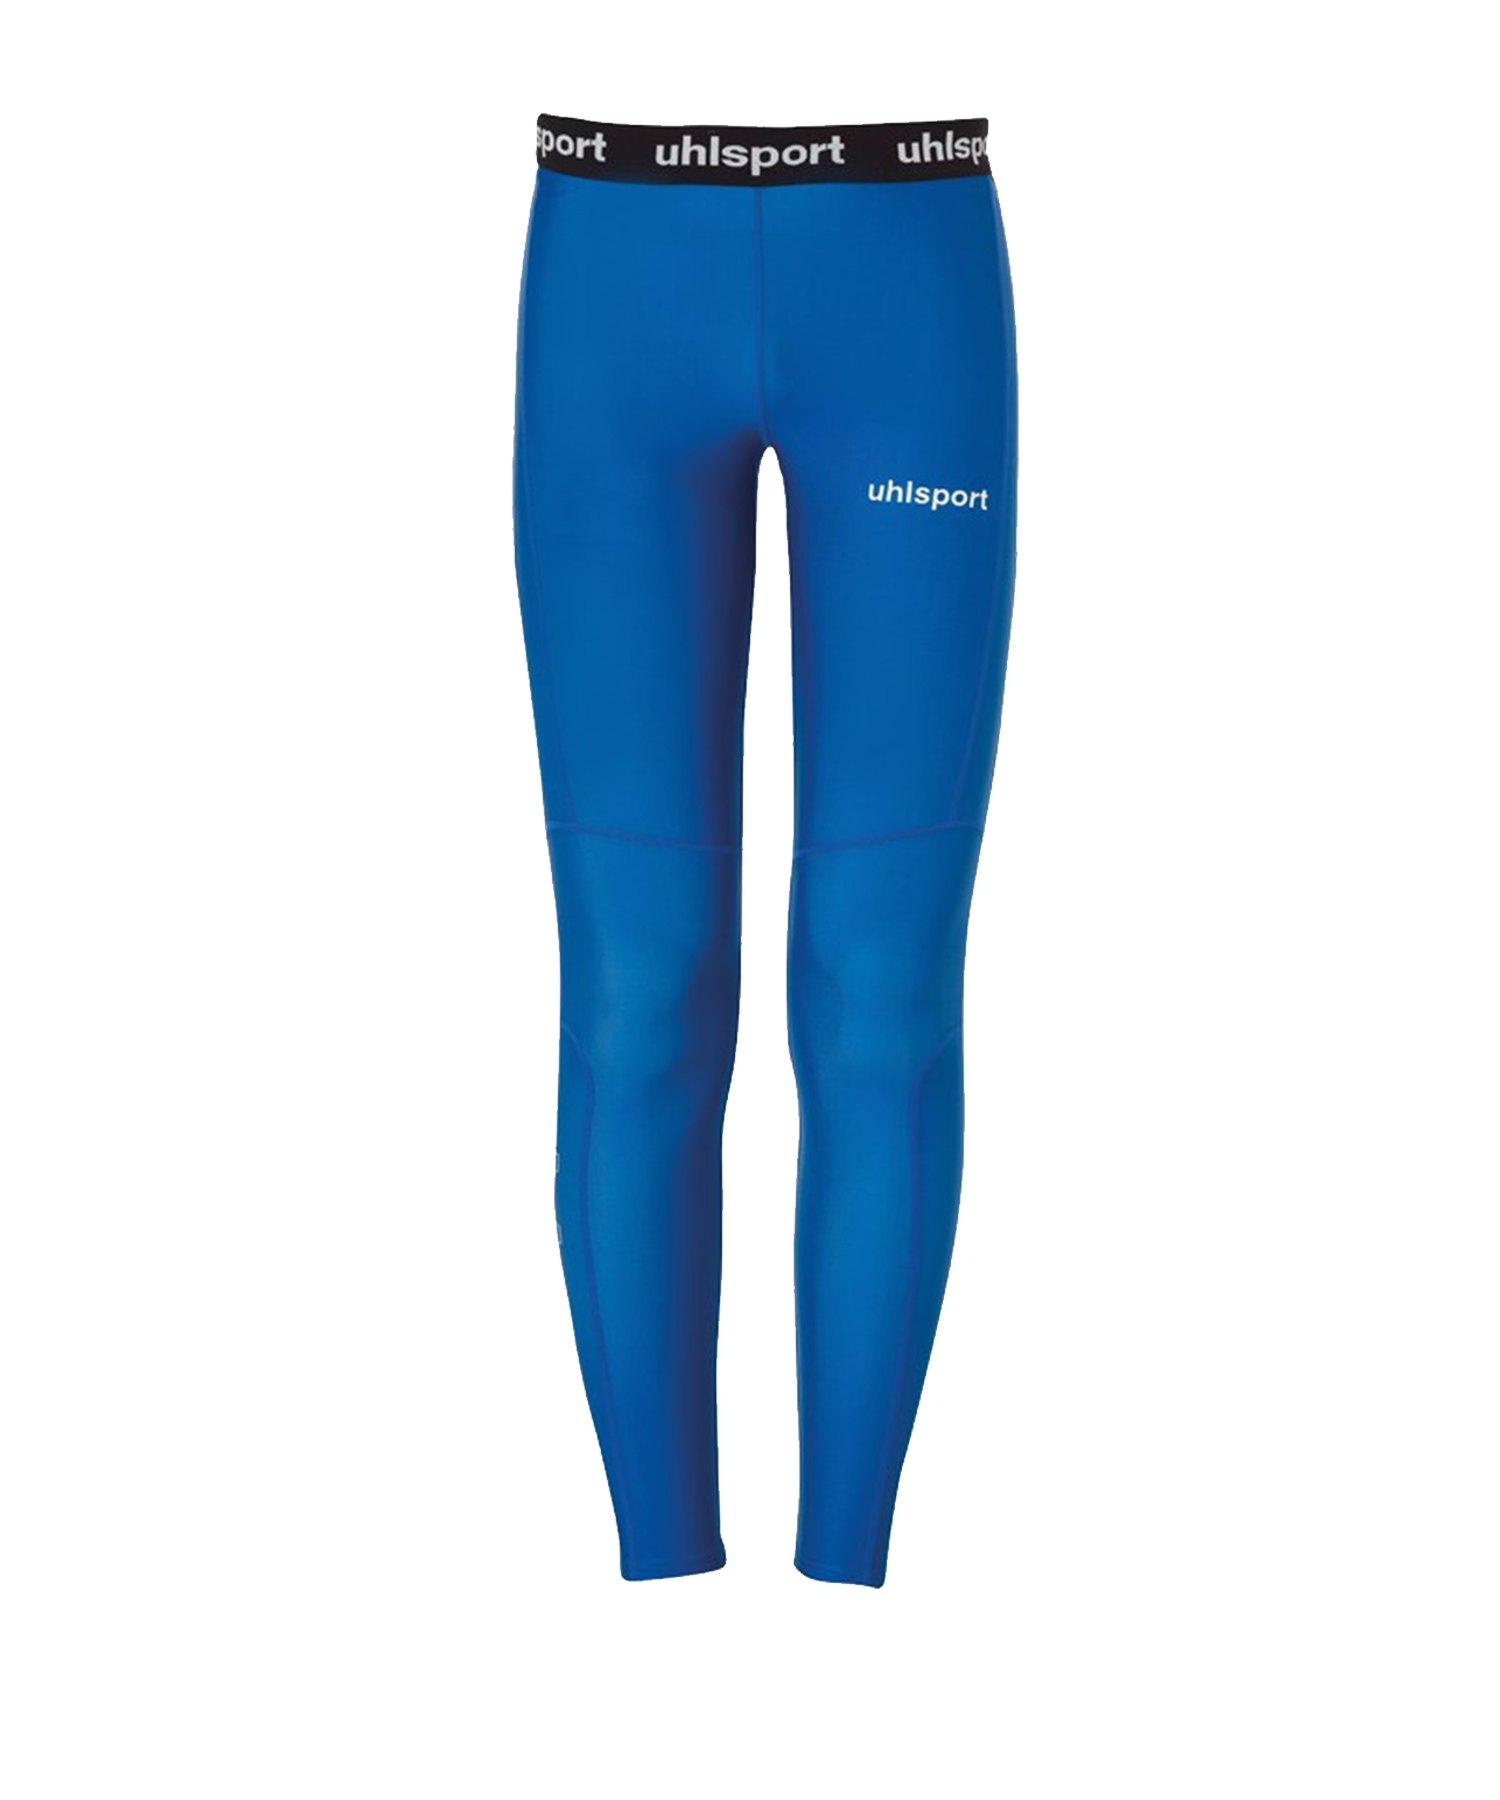 Uhlsport Pro Long Tights Hose Kids Blau F03 - Blau